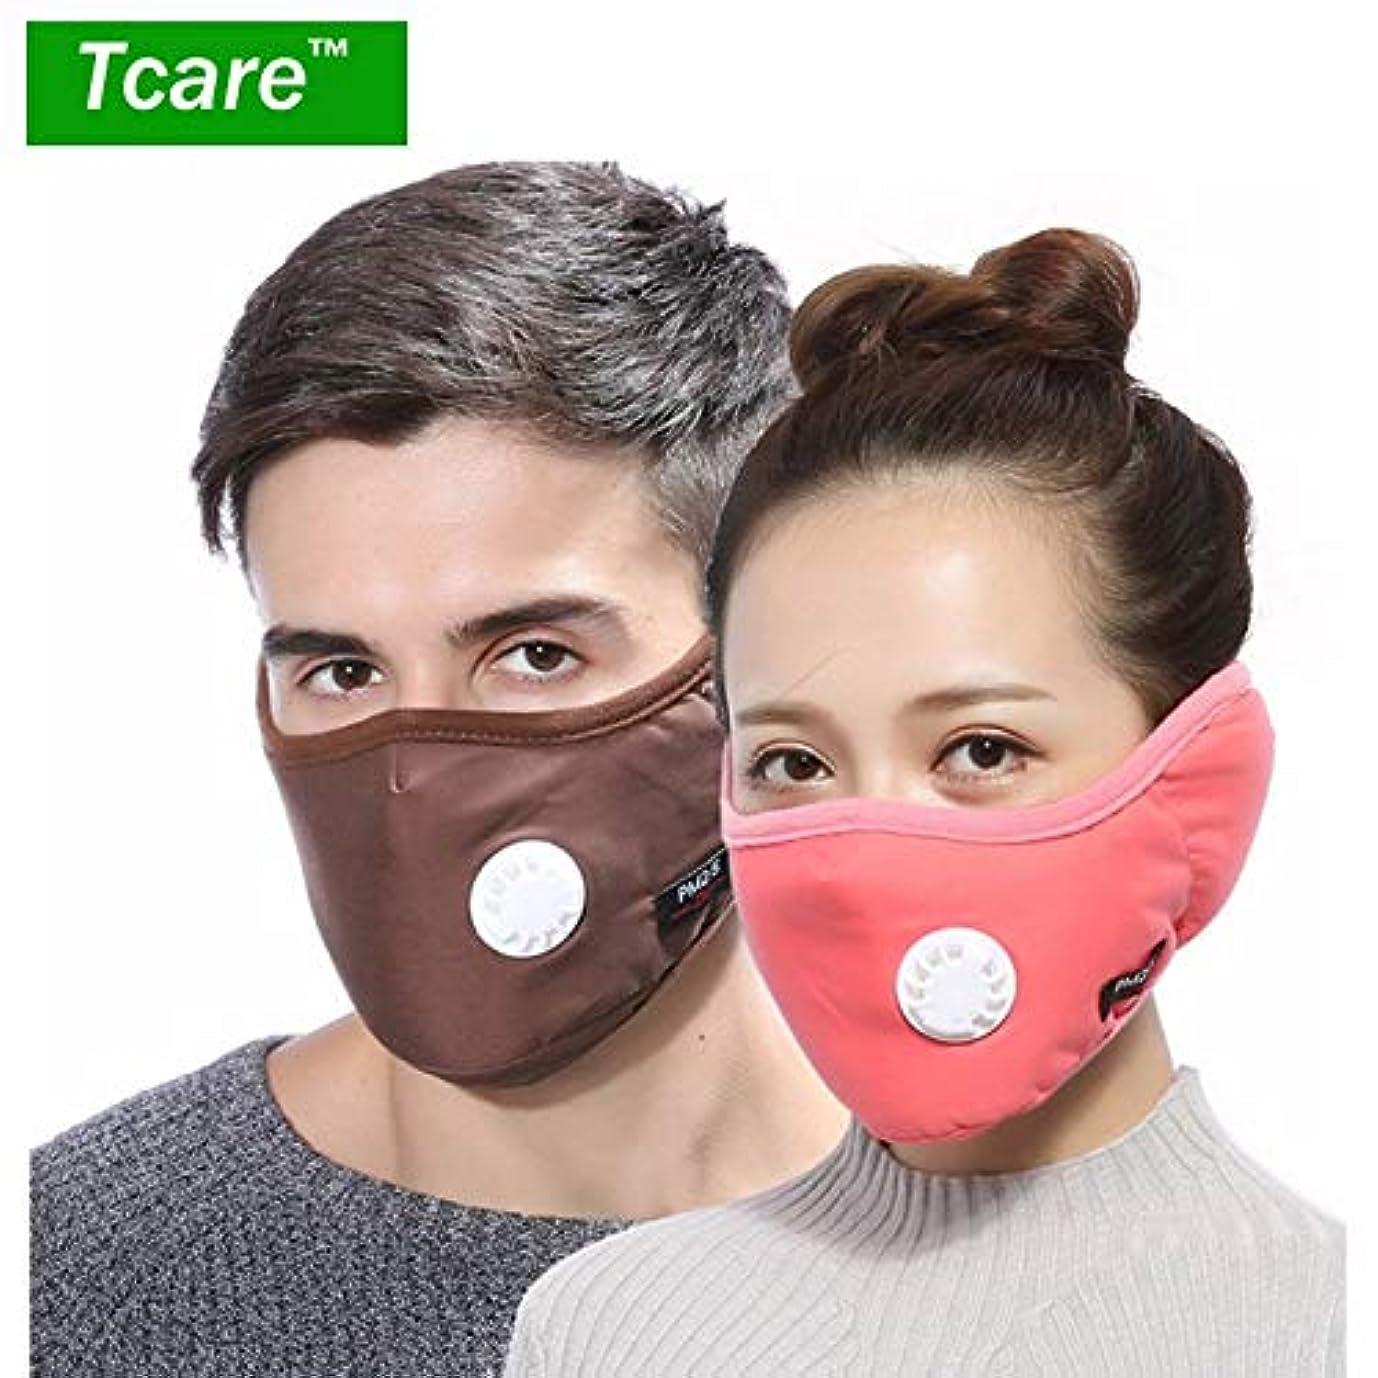 分布色合いペッカディロ6 Waternレッド:1 PM2.5マスクバルブコットンアンチダスト口マスクの冬のイヤーマフActtedフィルター付マスクでTcare 2